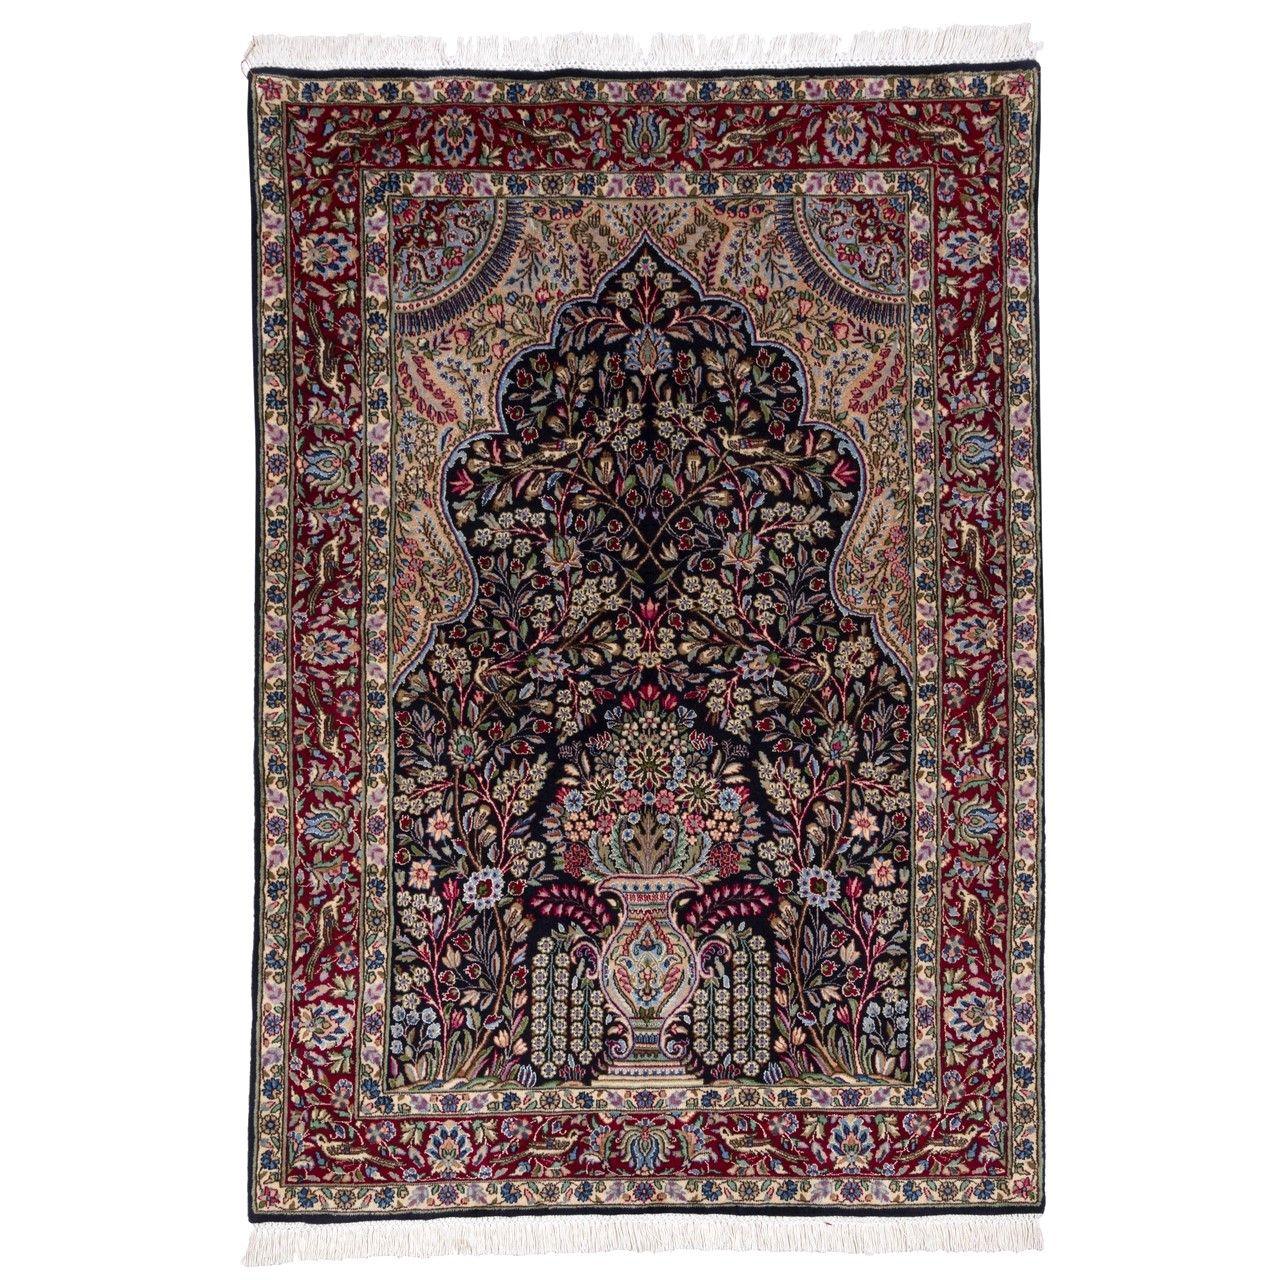 فرش دستباف قدیمی ذرع و نیم سی پرشیا کد 174319